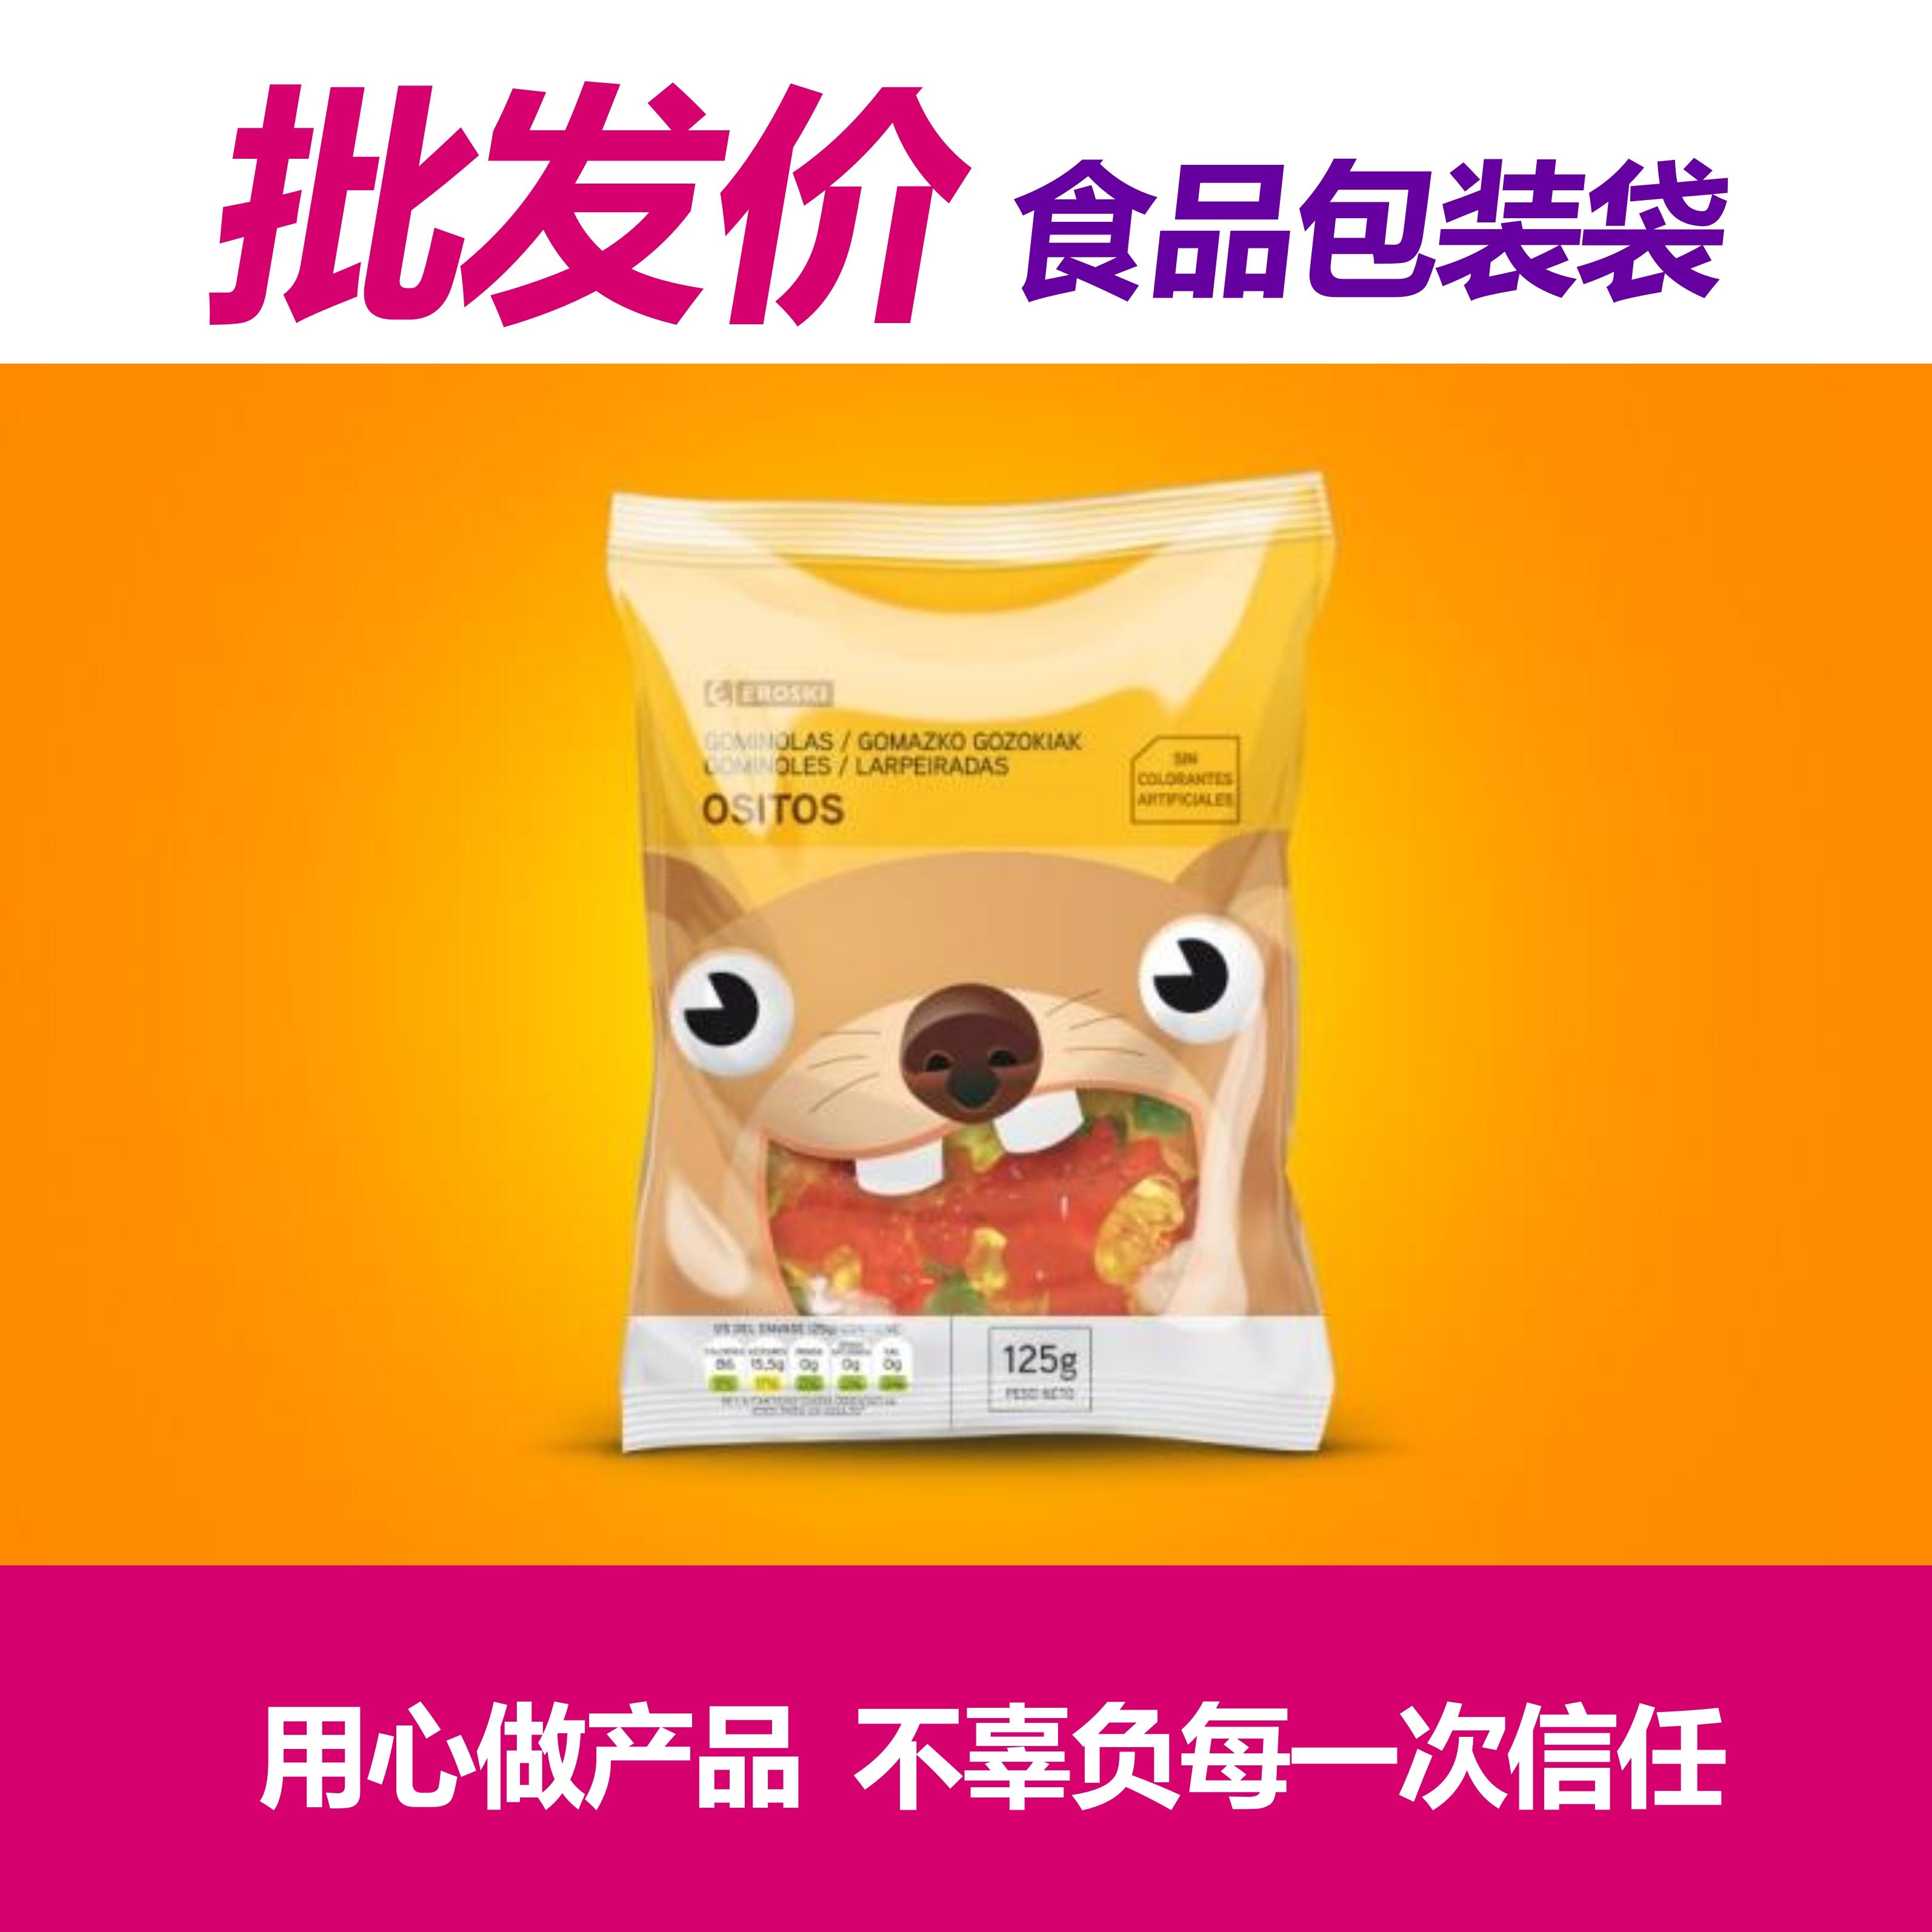 陜西西安民包裝 批量定制 各類食品包裝袋 復合袋廠家直營 品質保障